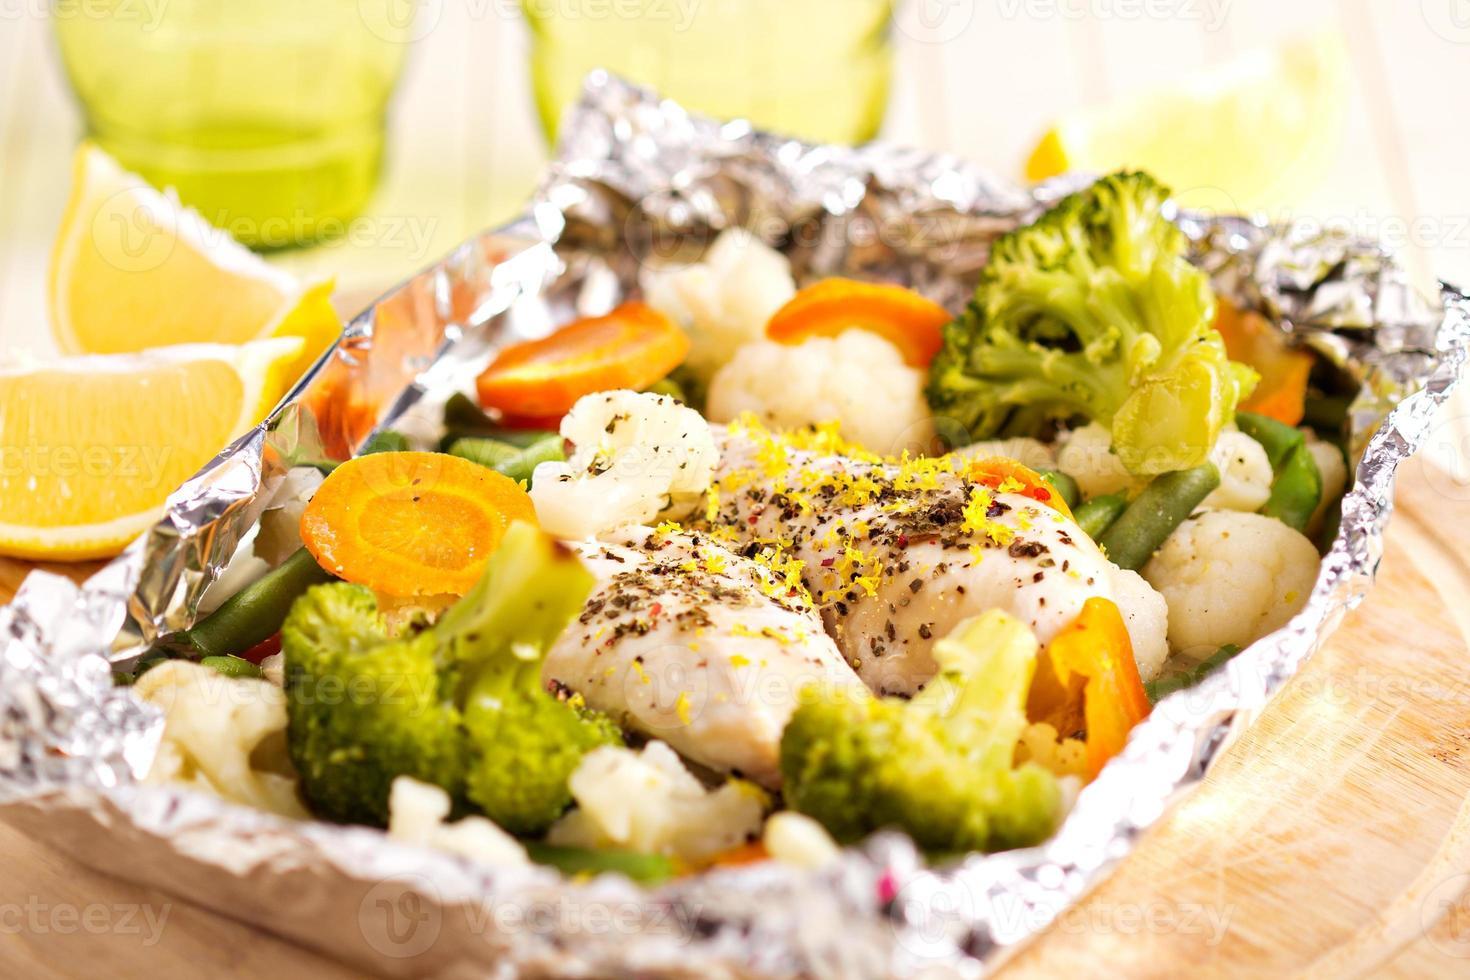 poulet au citron avec des légumes cuits en papillote photo